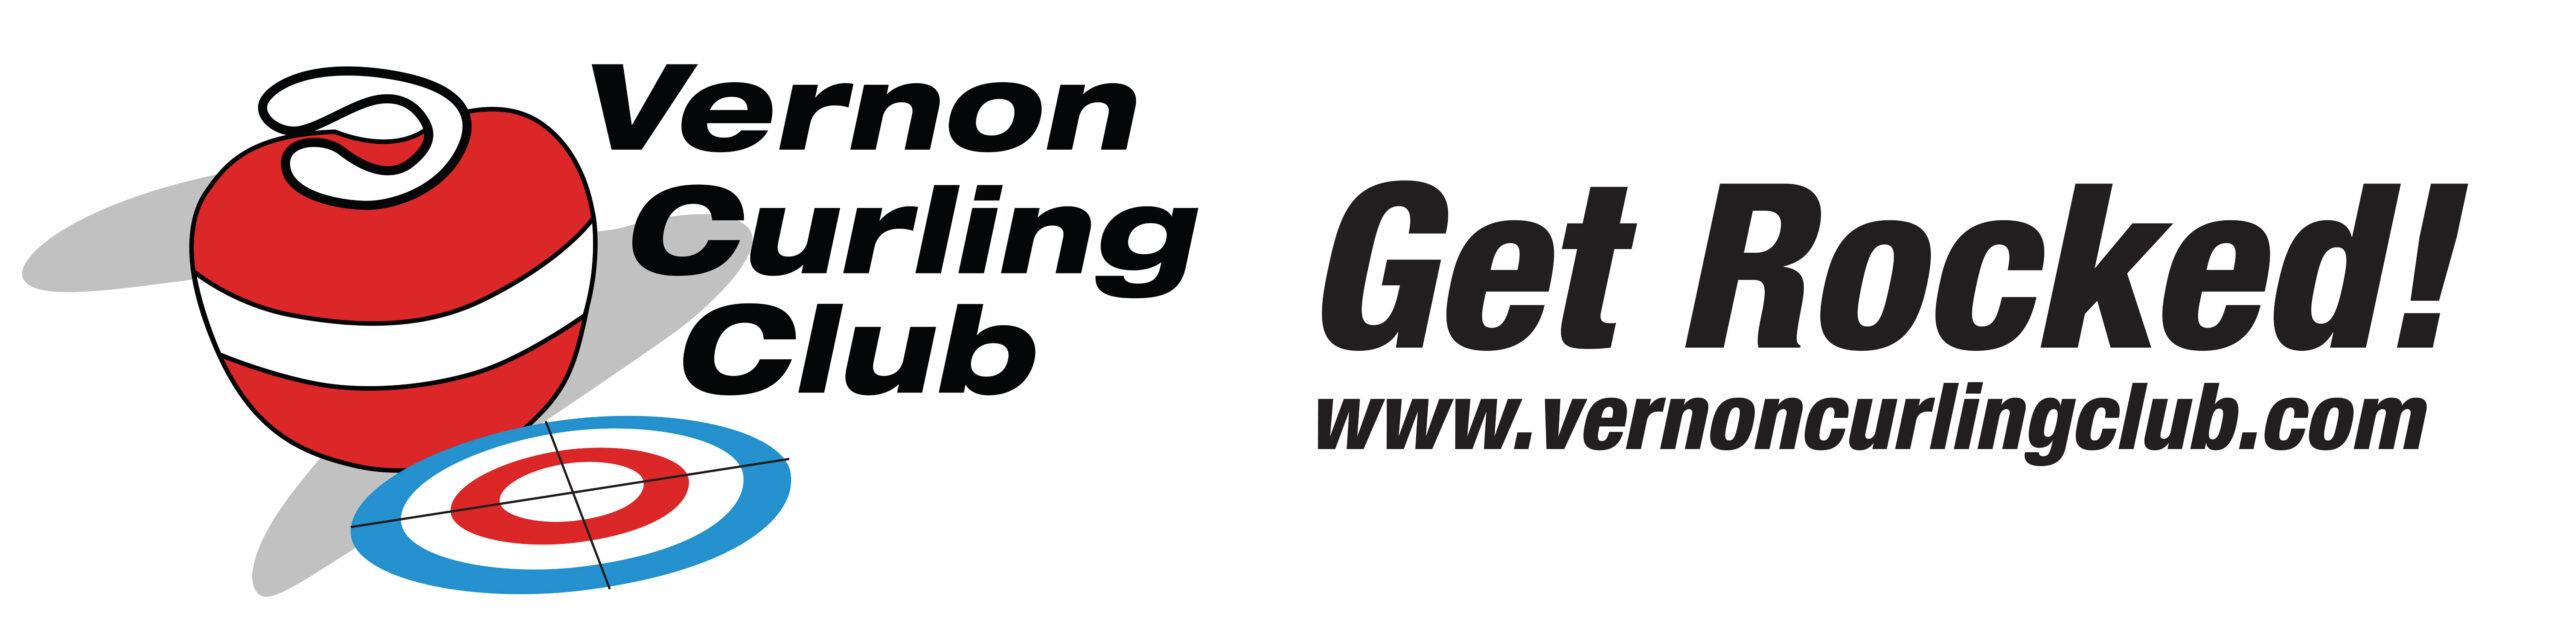 Vernon Curling Club Logo